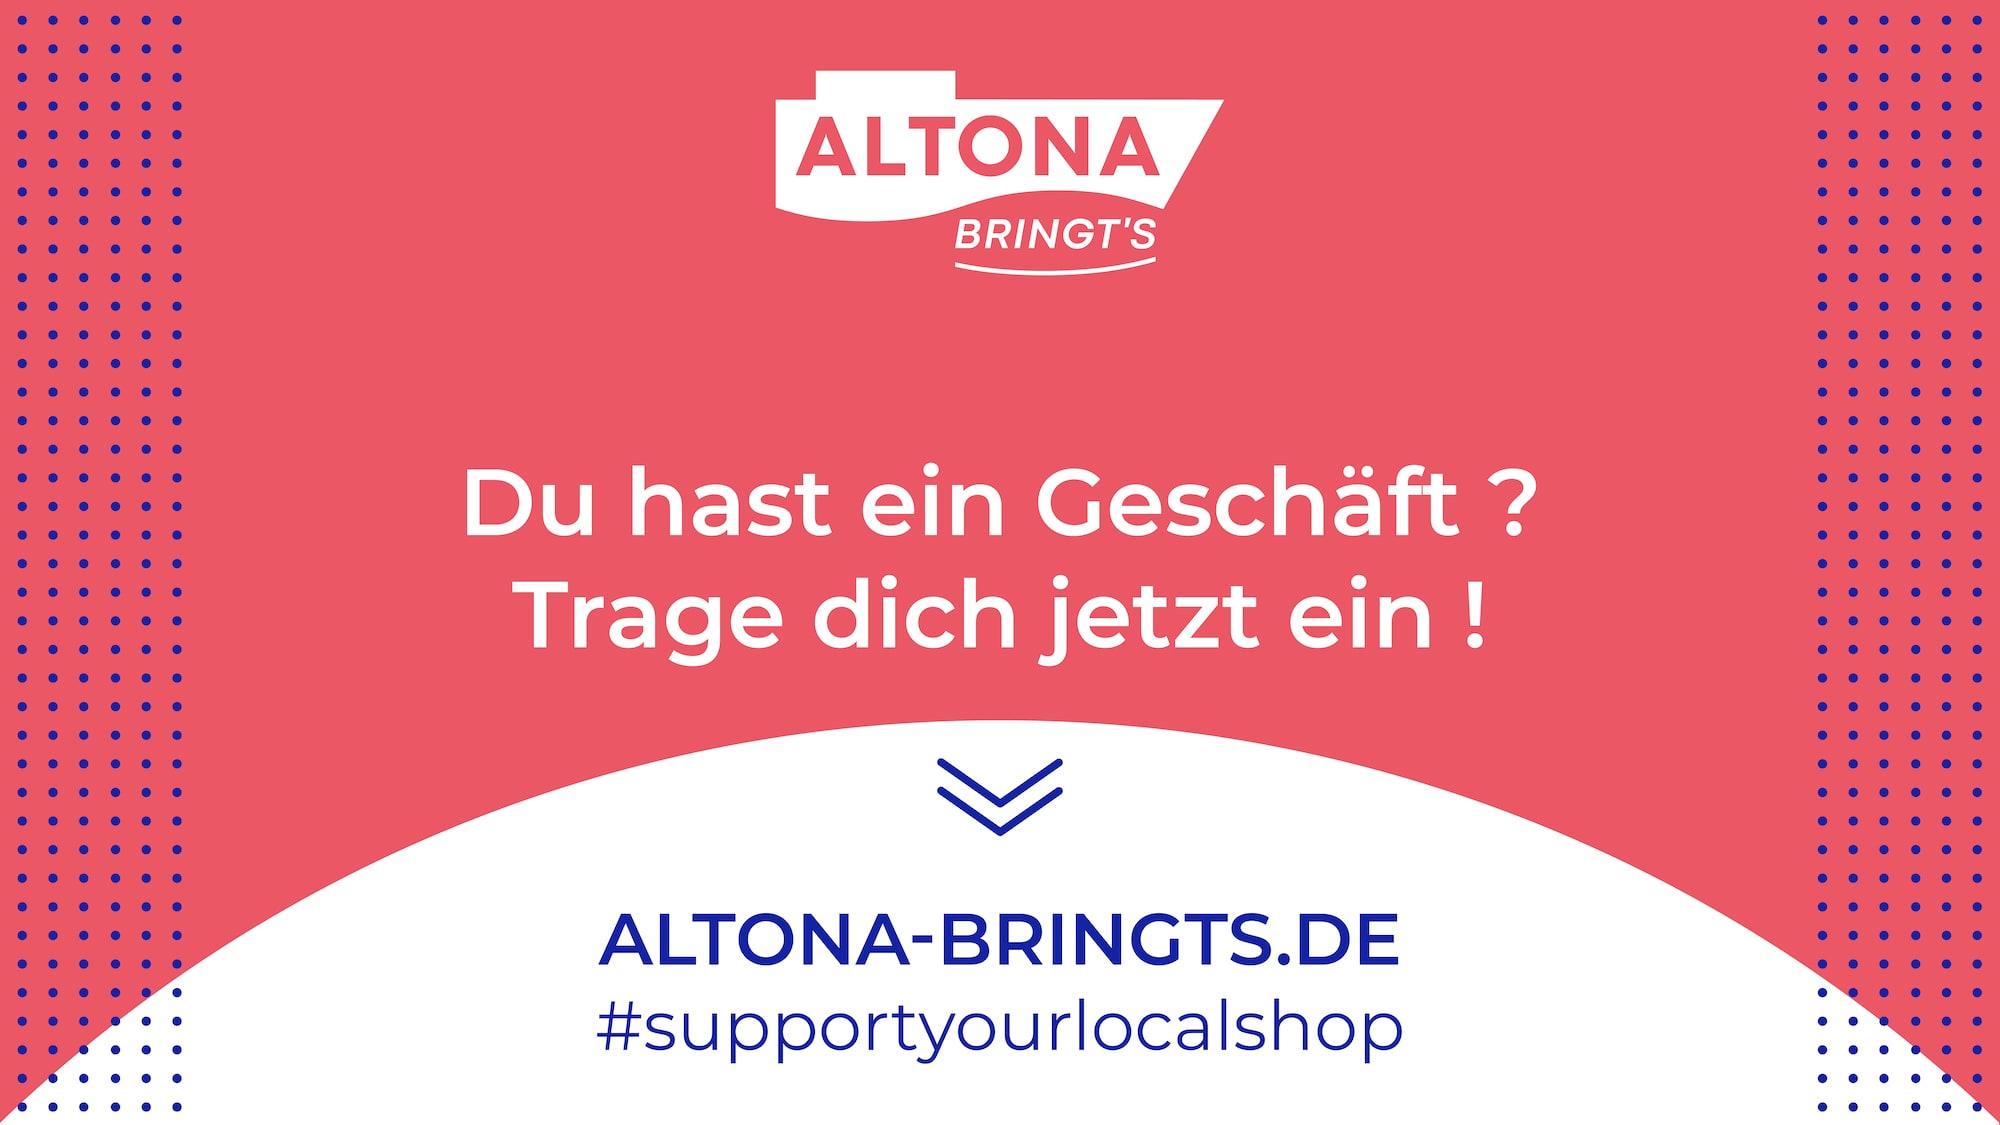 altona-bringts